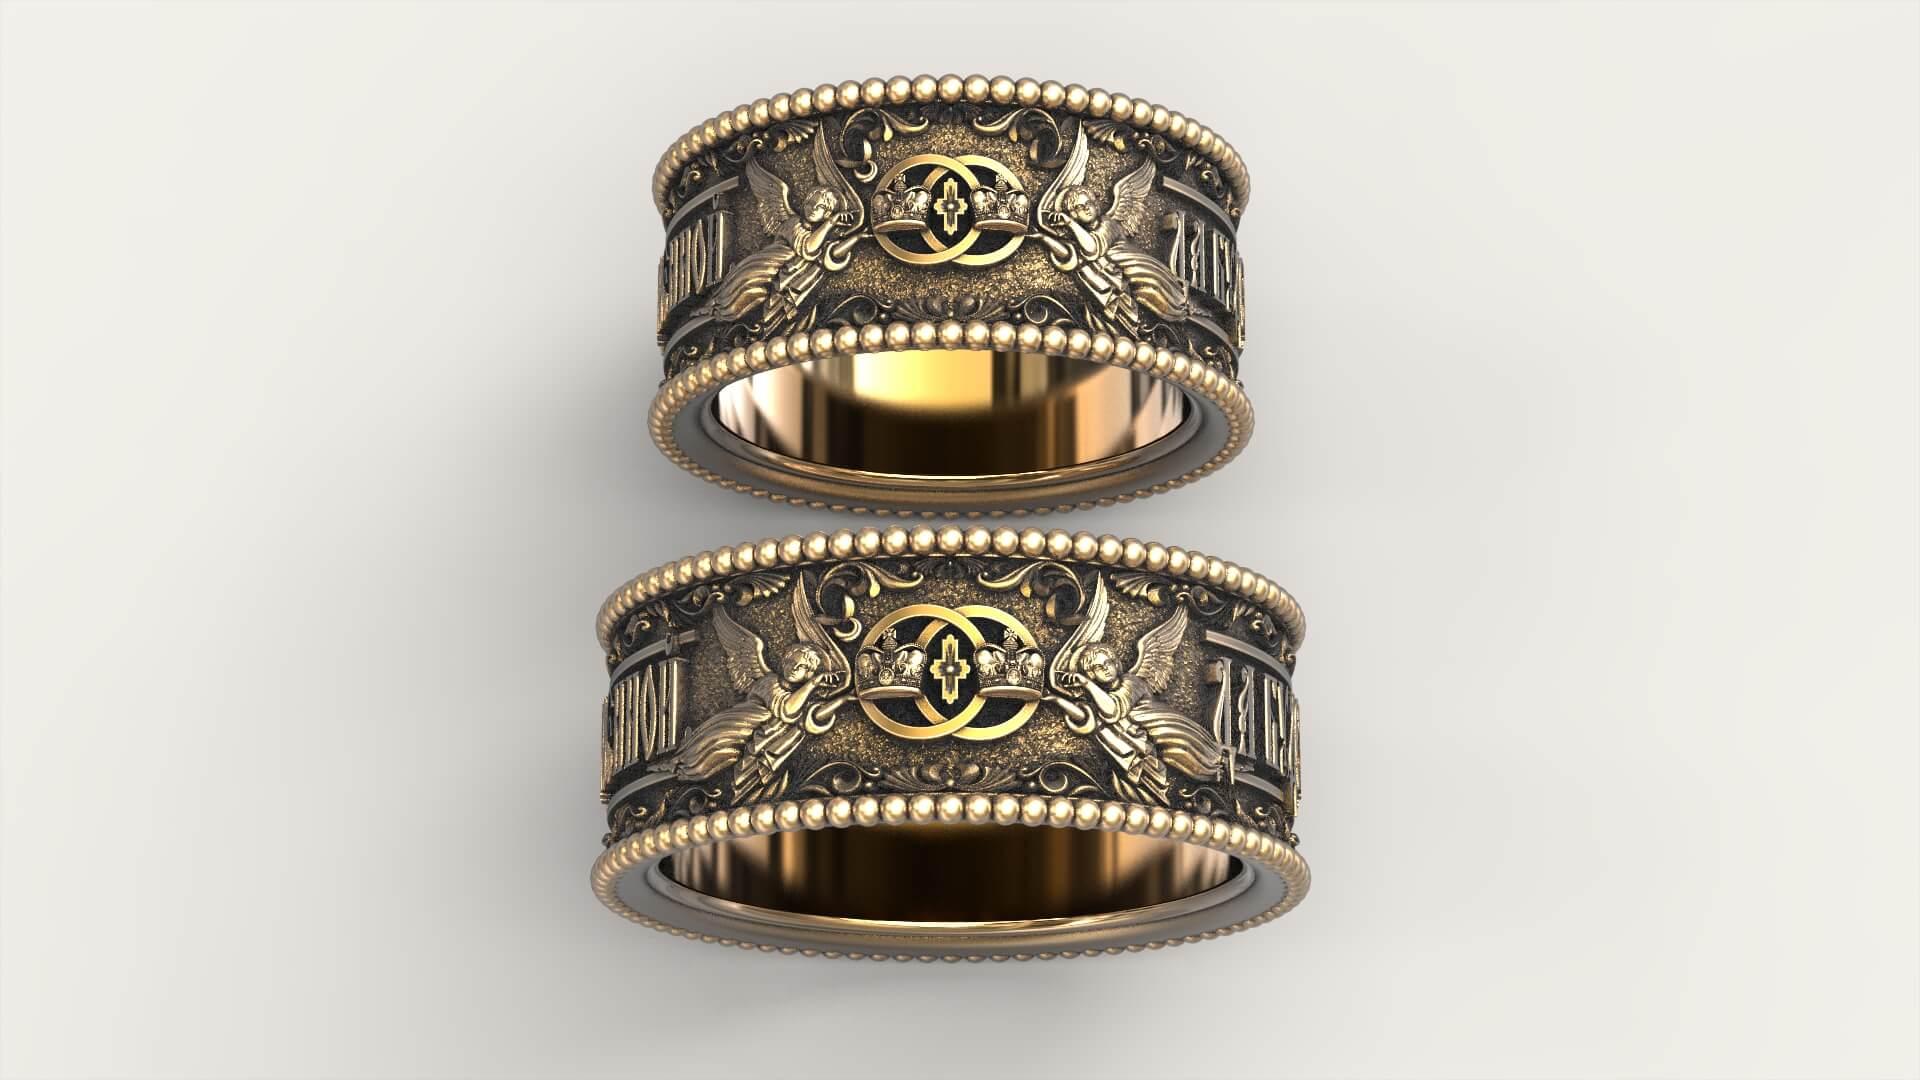 венчальные кольца с выгравированной молитвой